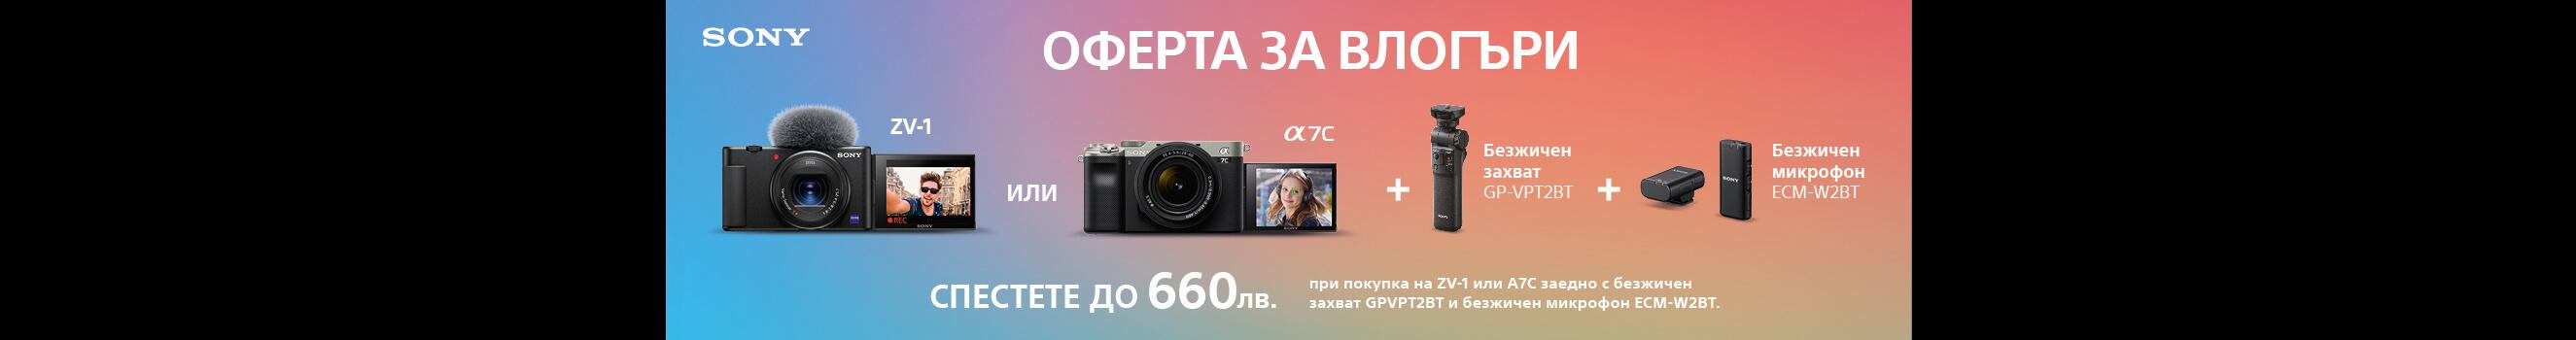 Sony ZV-1 влогинг предложения в магазини ФотоСинтезис